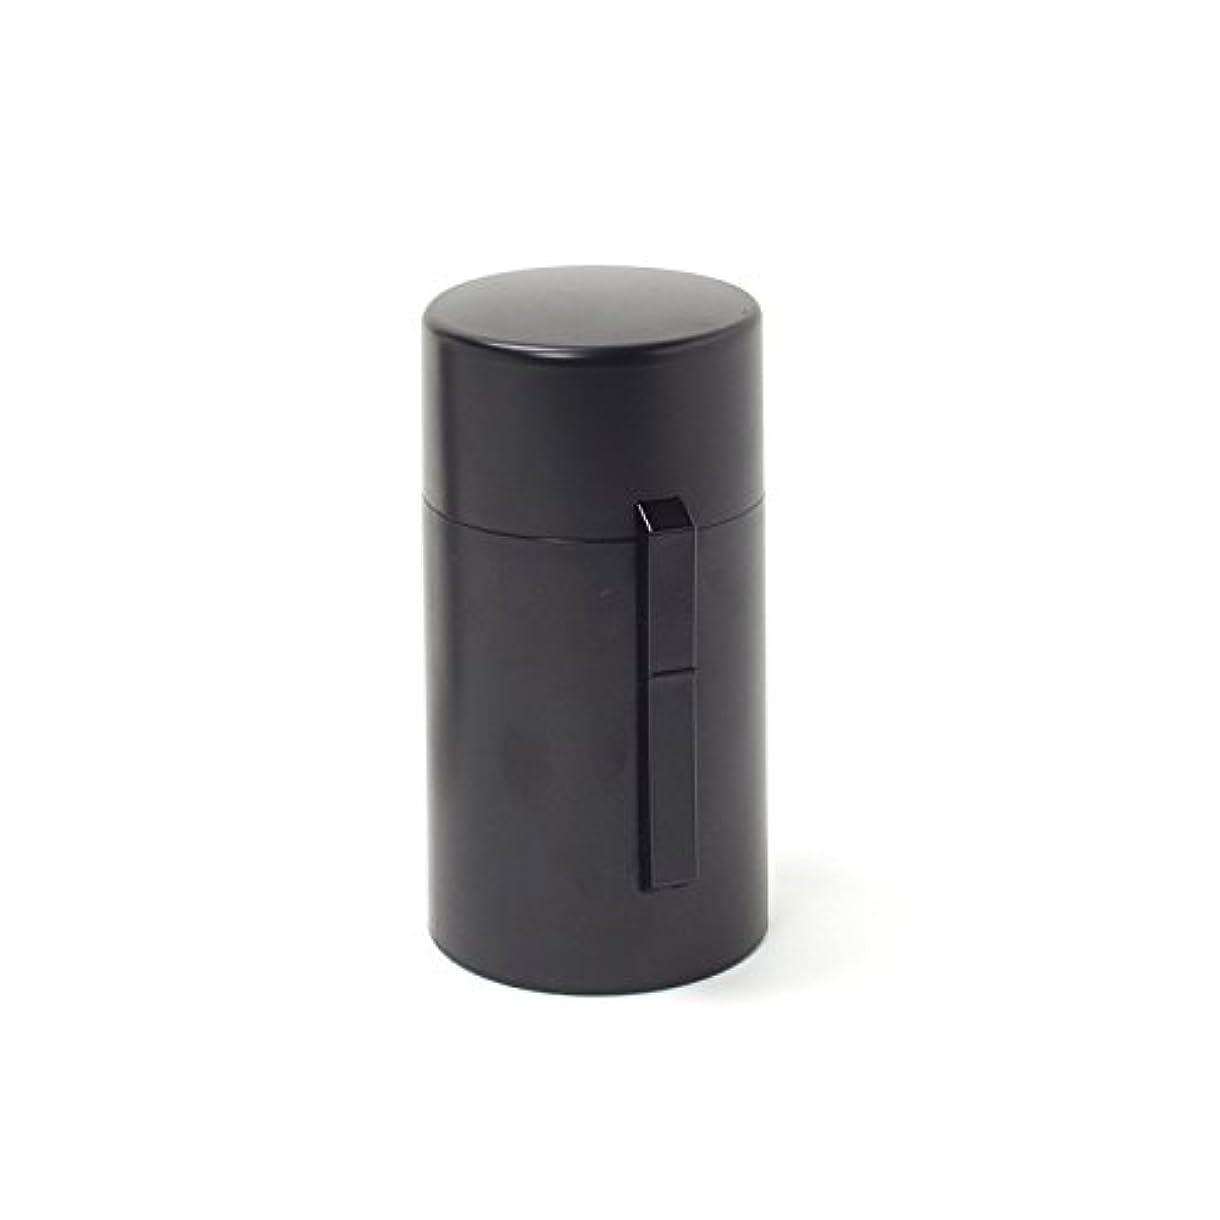 ファンド謝罪するクスコ電池式香炉 ひとたき香炉 こづつ 黒